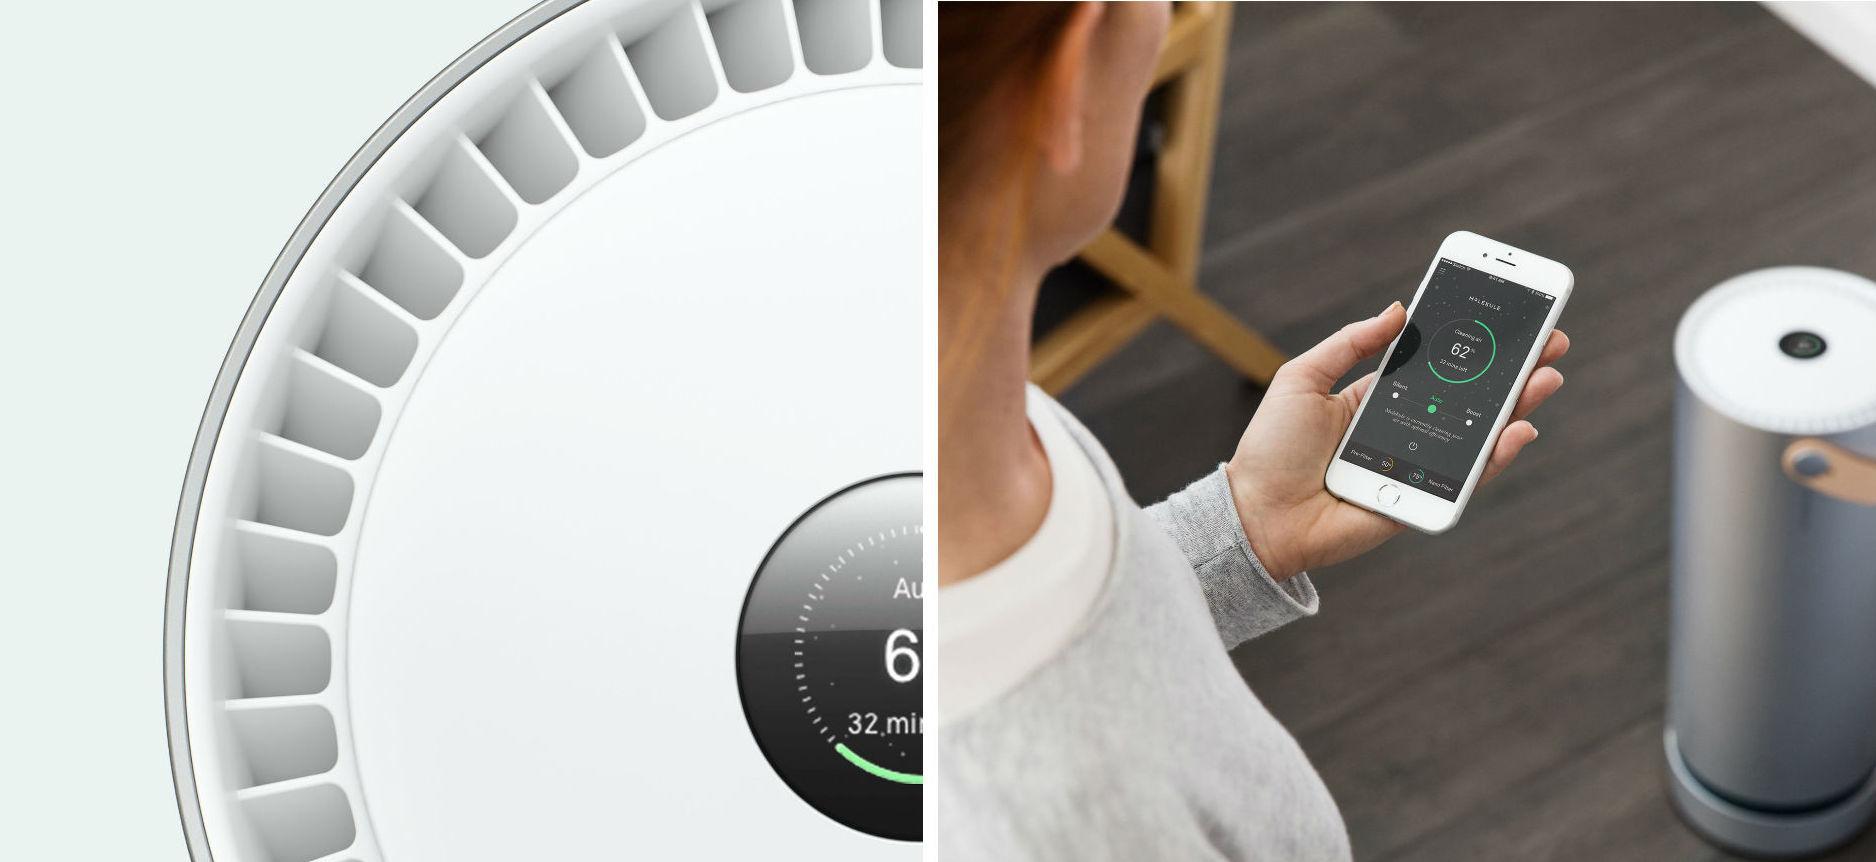 Очиститель воздуха Molekule PECO уничтожит аллергены в доме или офисе - 6